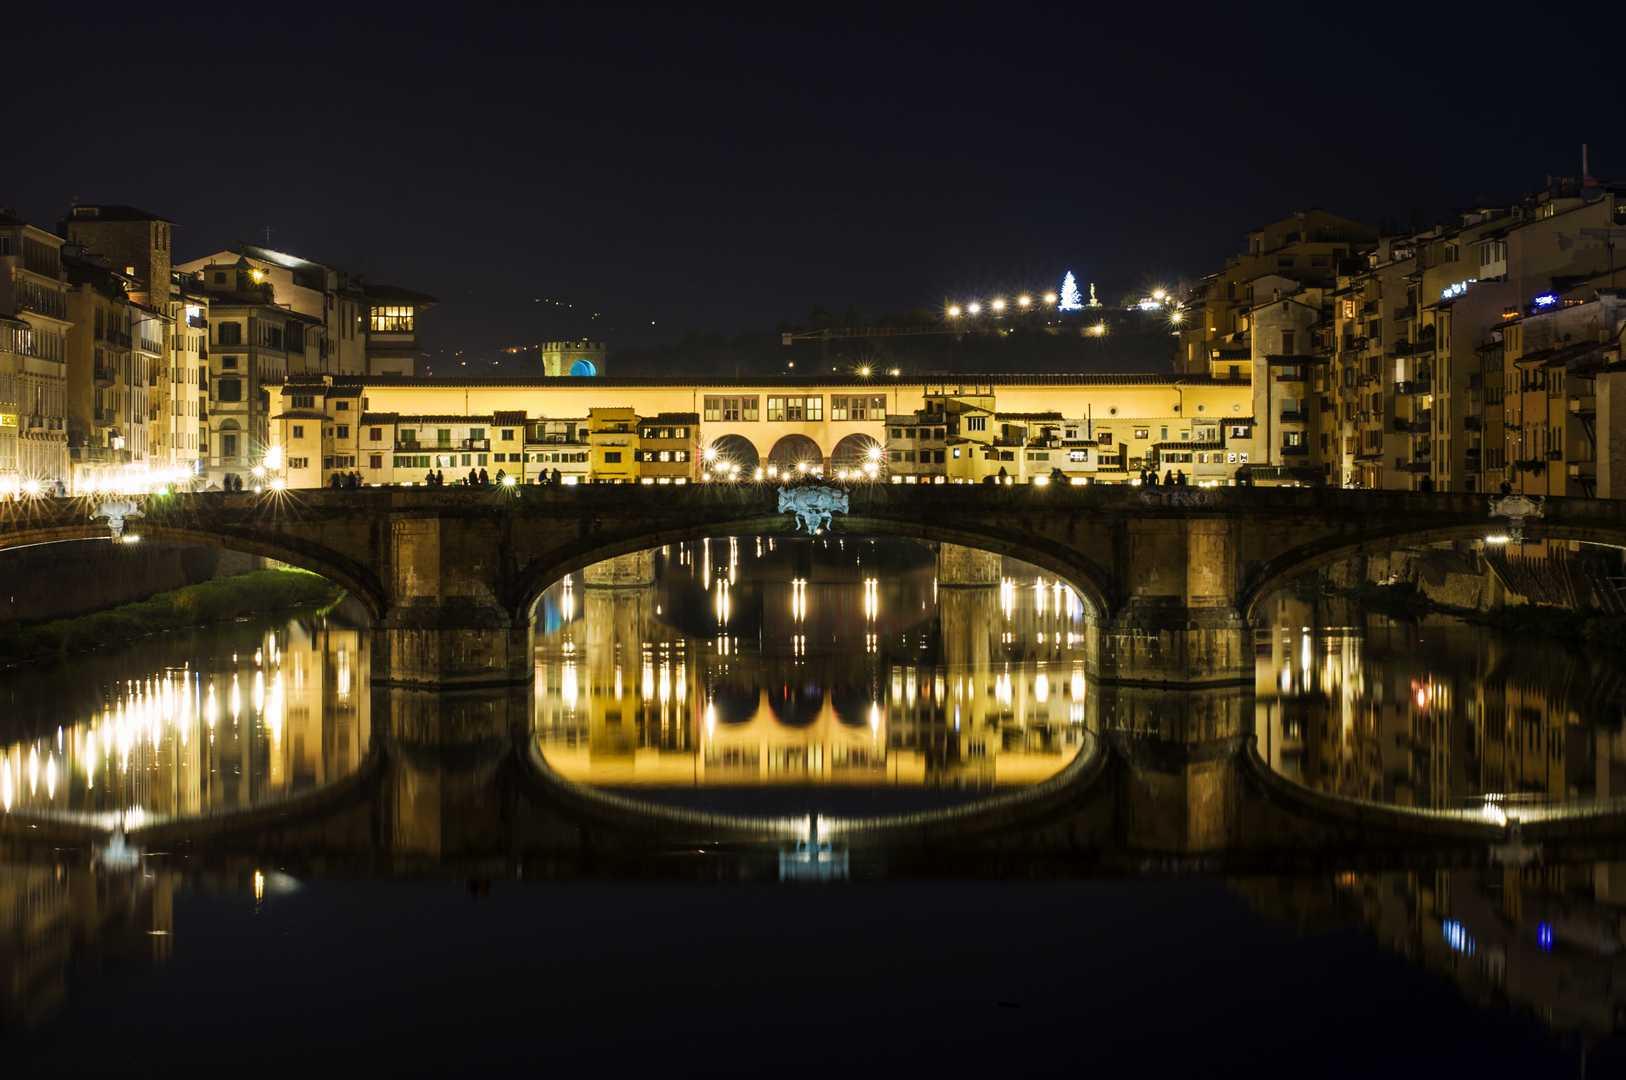 Michele Settembre - Firenze Ponte Vecchio